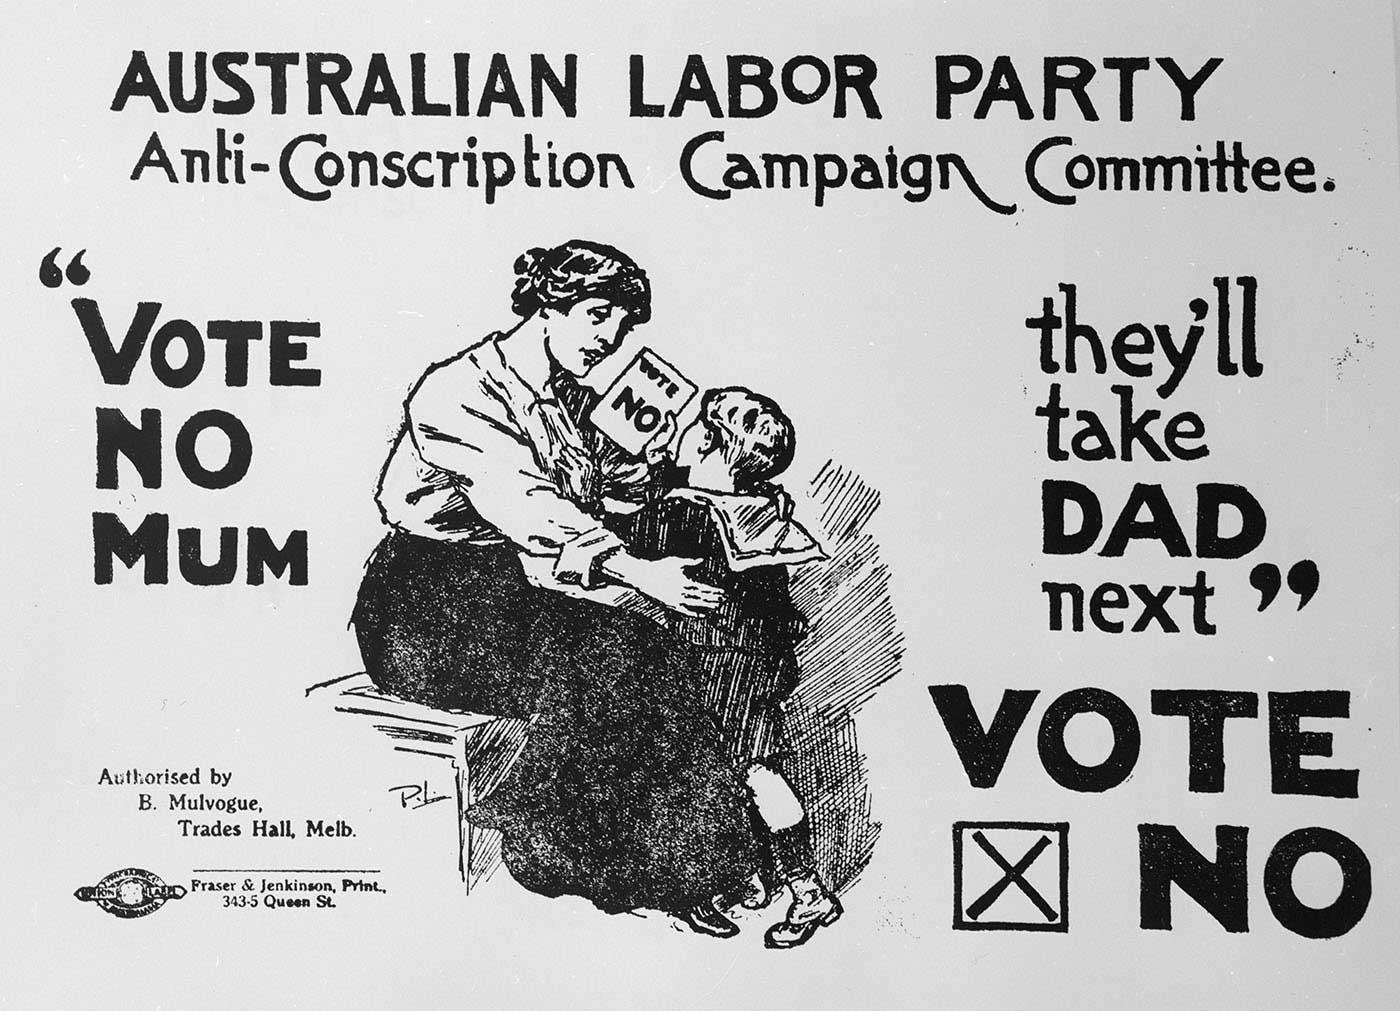 Anti-conscription ad for the Australian Labor Party